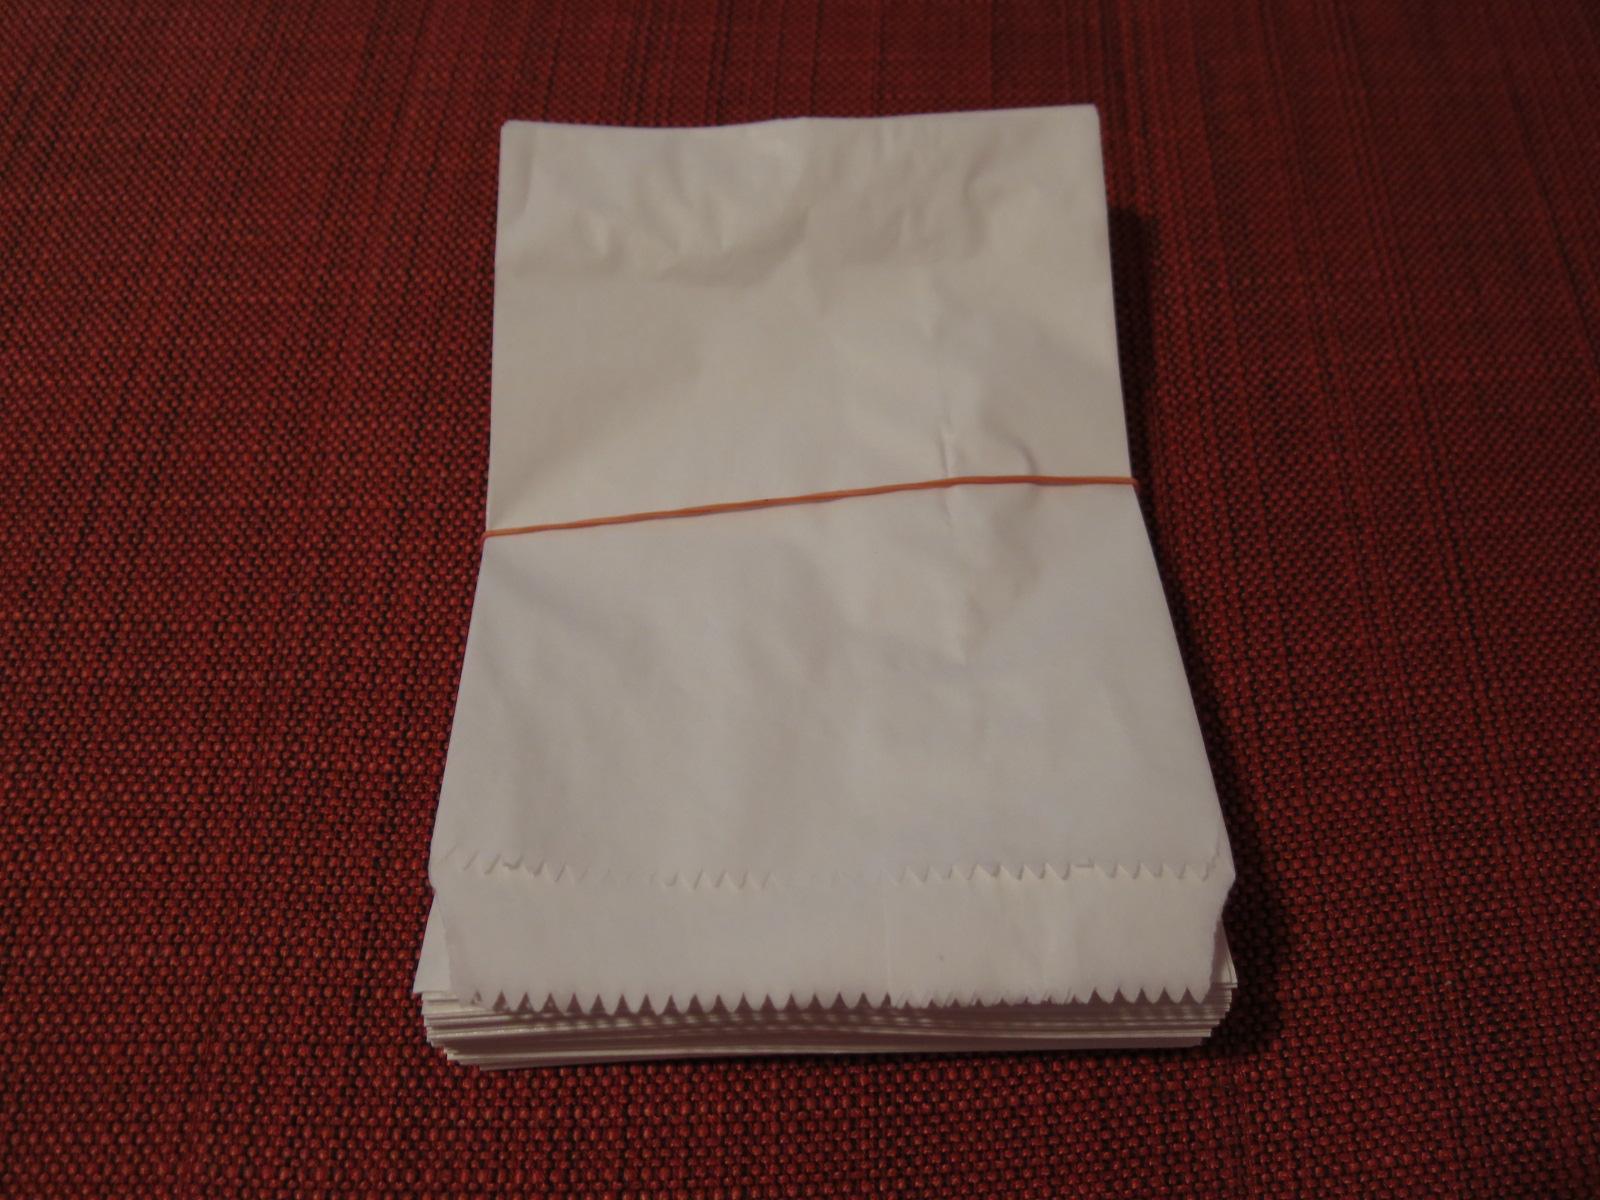 papírové sáčky - Obrázek č. 1